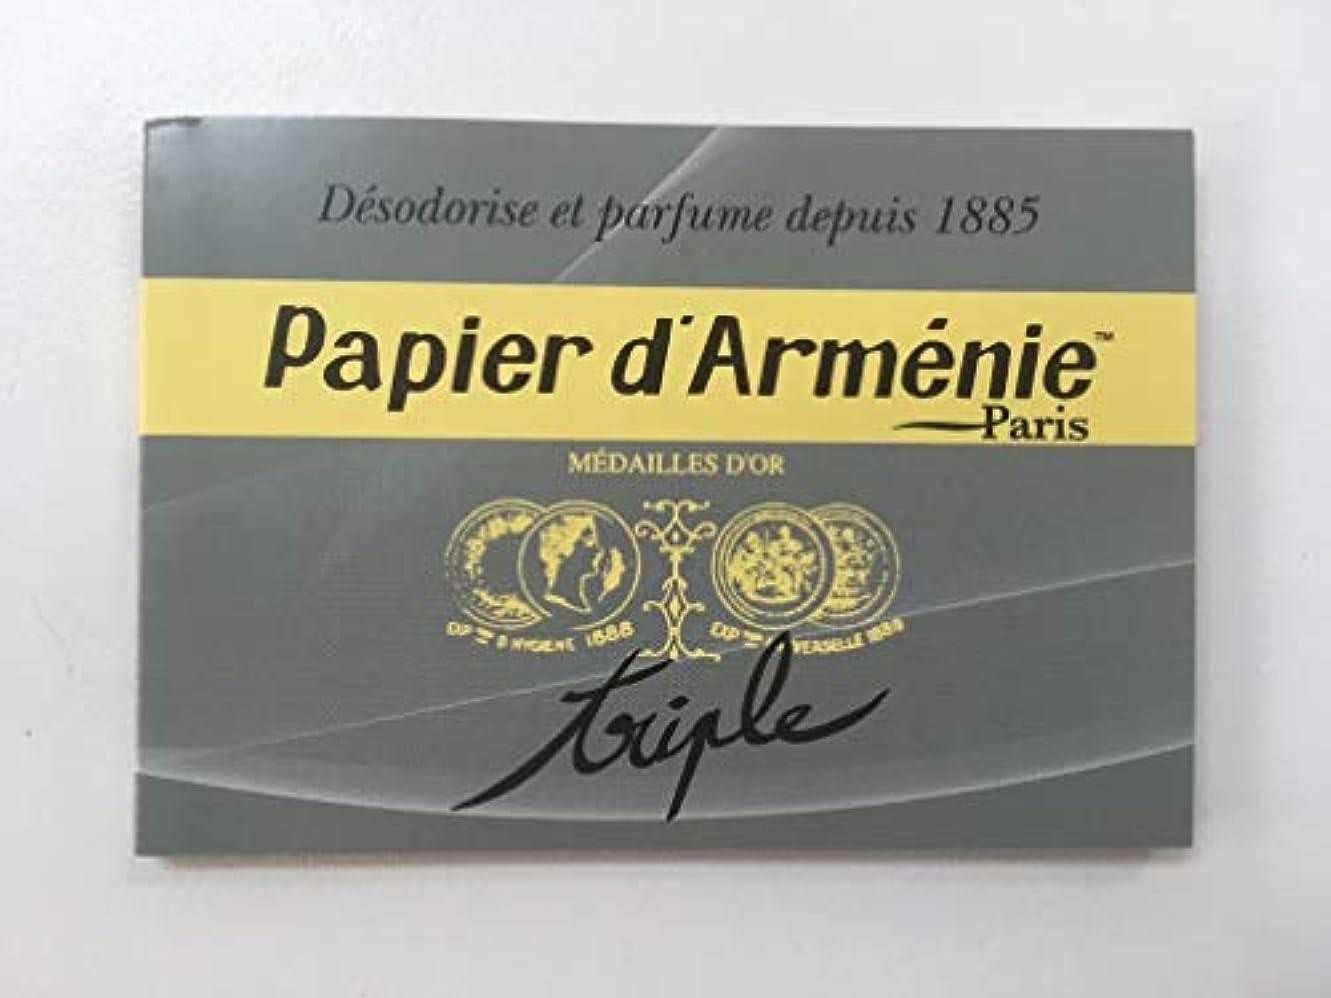 不当チャーターできたパピエダルメニイ 空気を浄化する紙のお香パピエダルメニイ トリプル ヨーロッパ雑貨